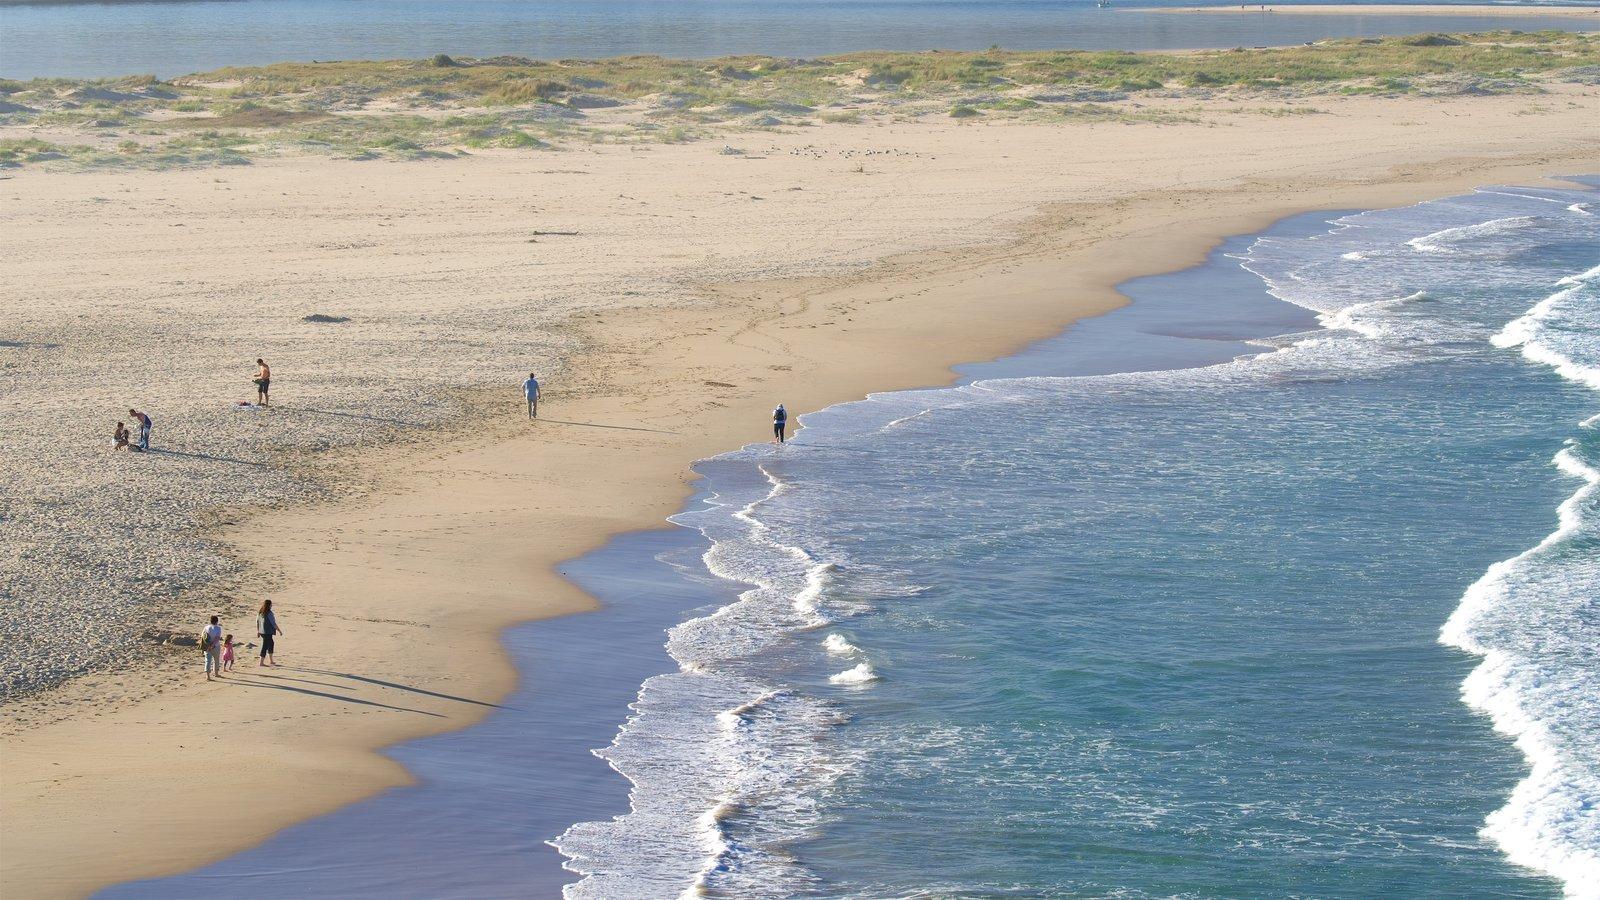 Plettenberg Bay mostrando olas, una playa de arena y vistas generales de la costa